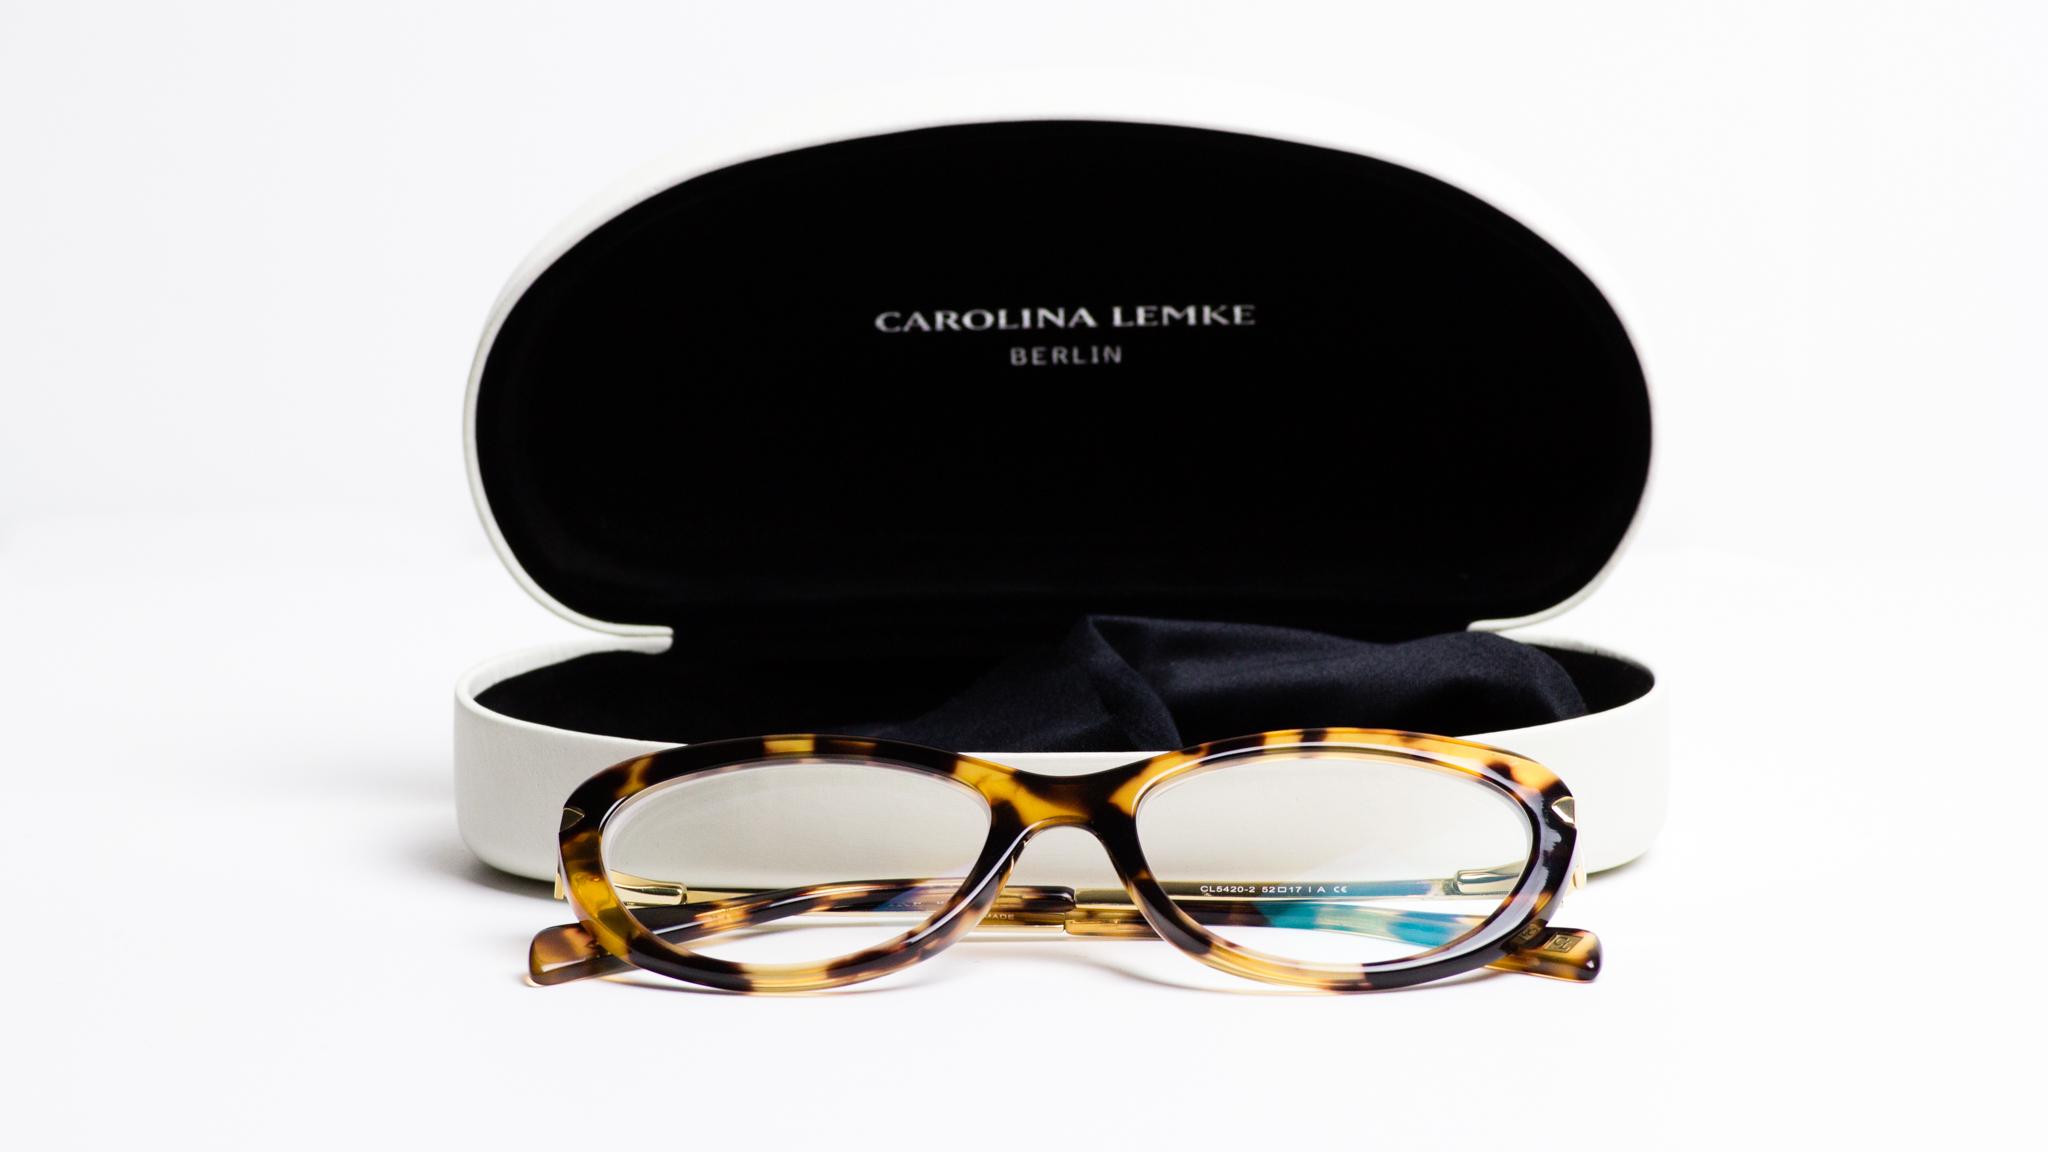 Ginger Me Glam Ottica Sponsored Review Carolina Lemke Glasses